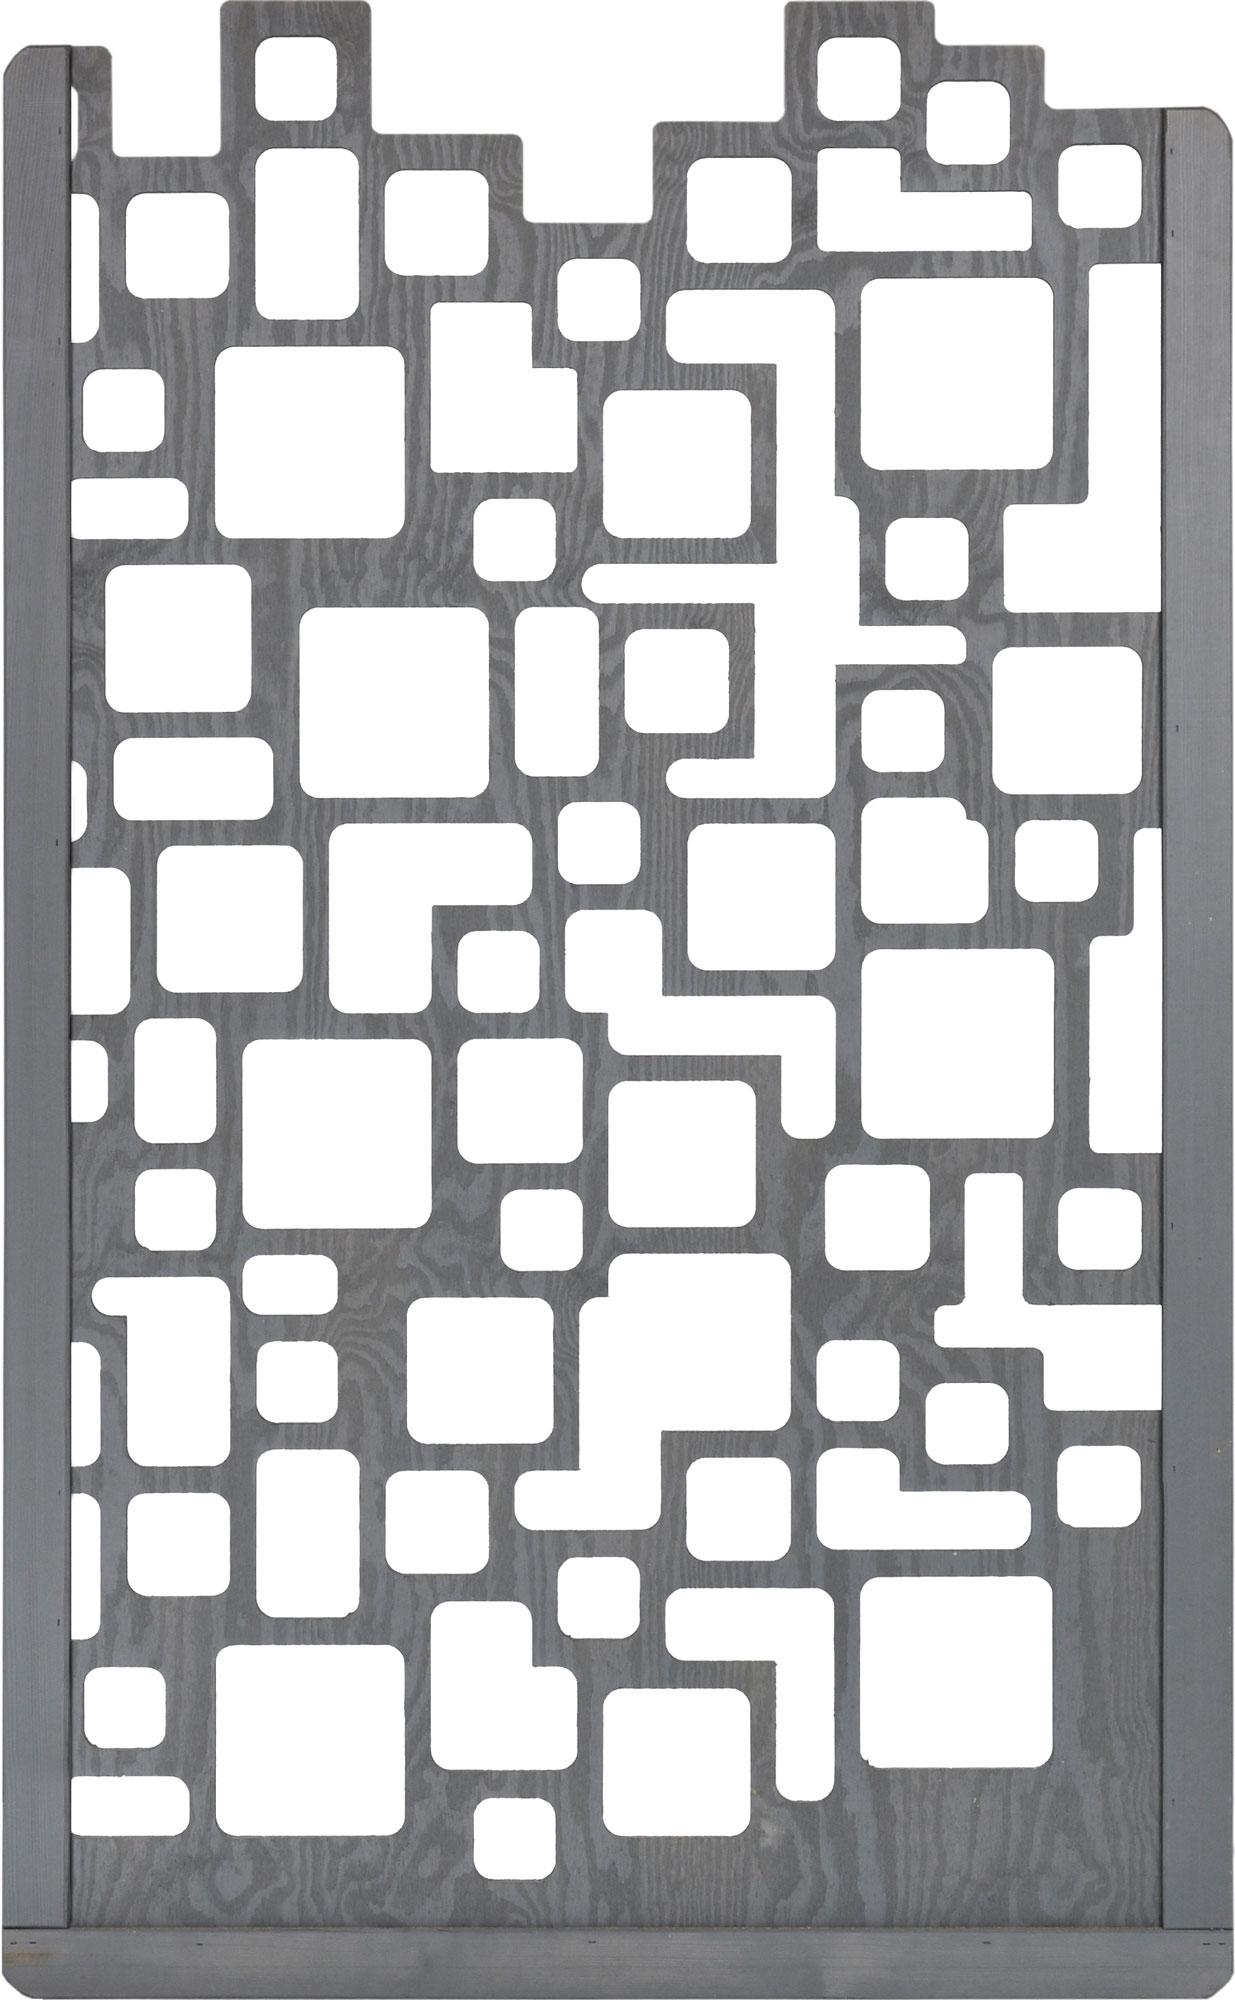 Zaunelement / Zierelement Lira Dimplex basaltgrau lasiert 90x180cm Bild 1